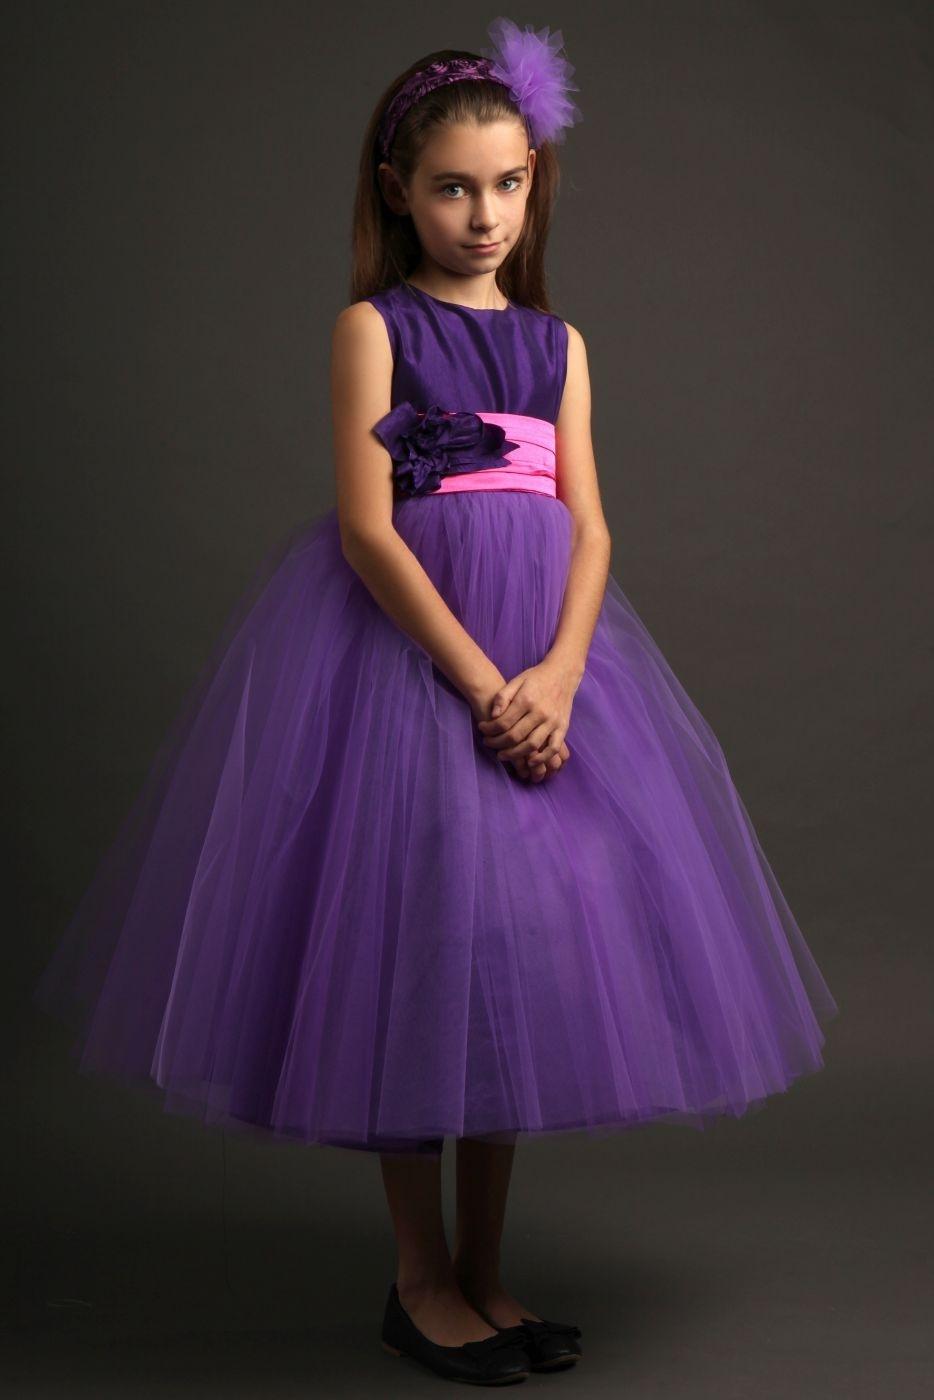 15 Ausgezeichnet Lila Kleid Festlich Ärmel Schön Lila Kleid Festlich Stylish